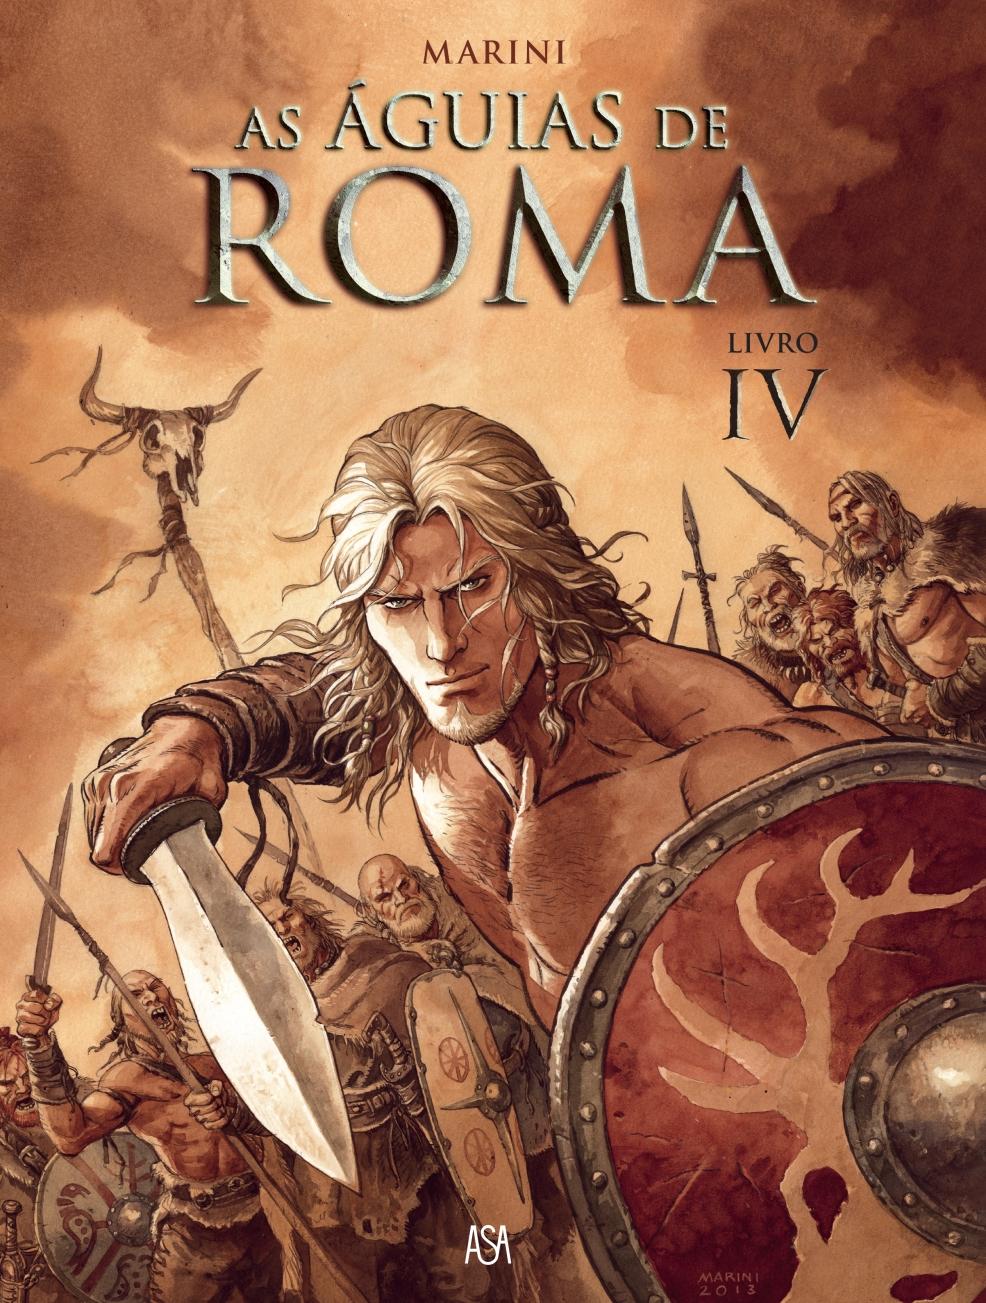 as aguias de roma IV